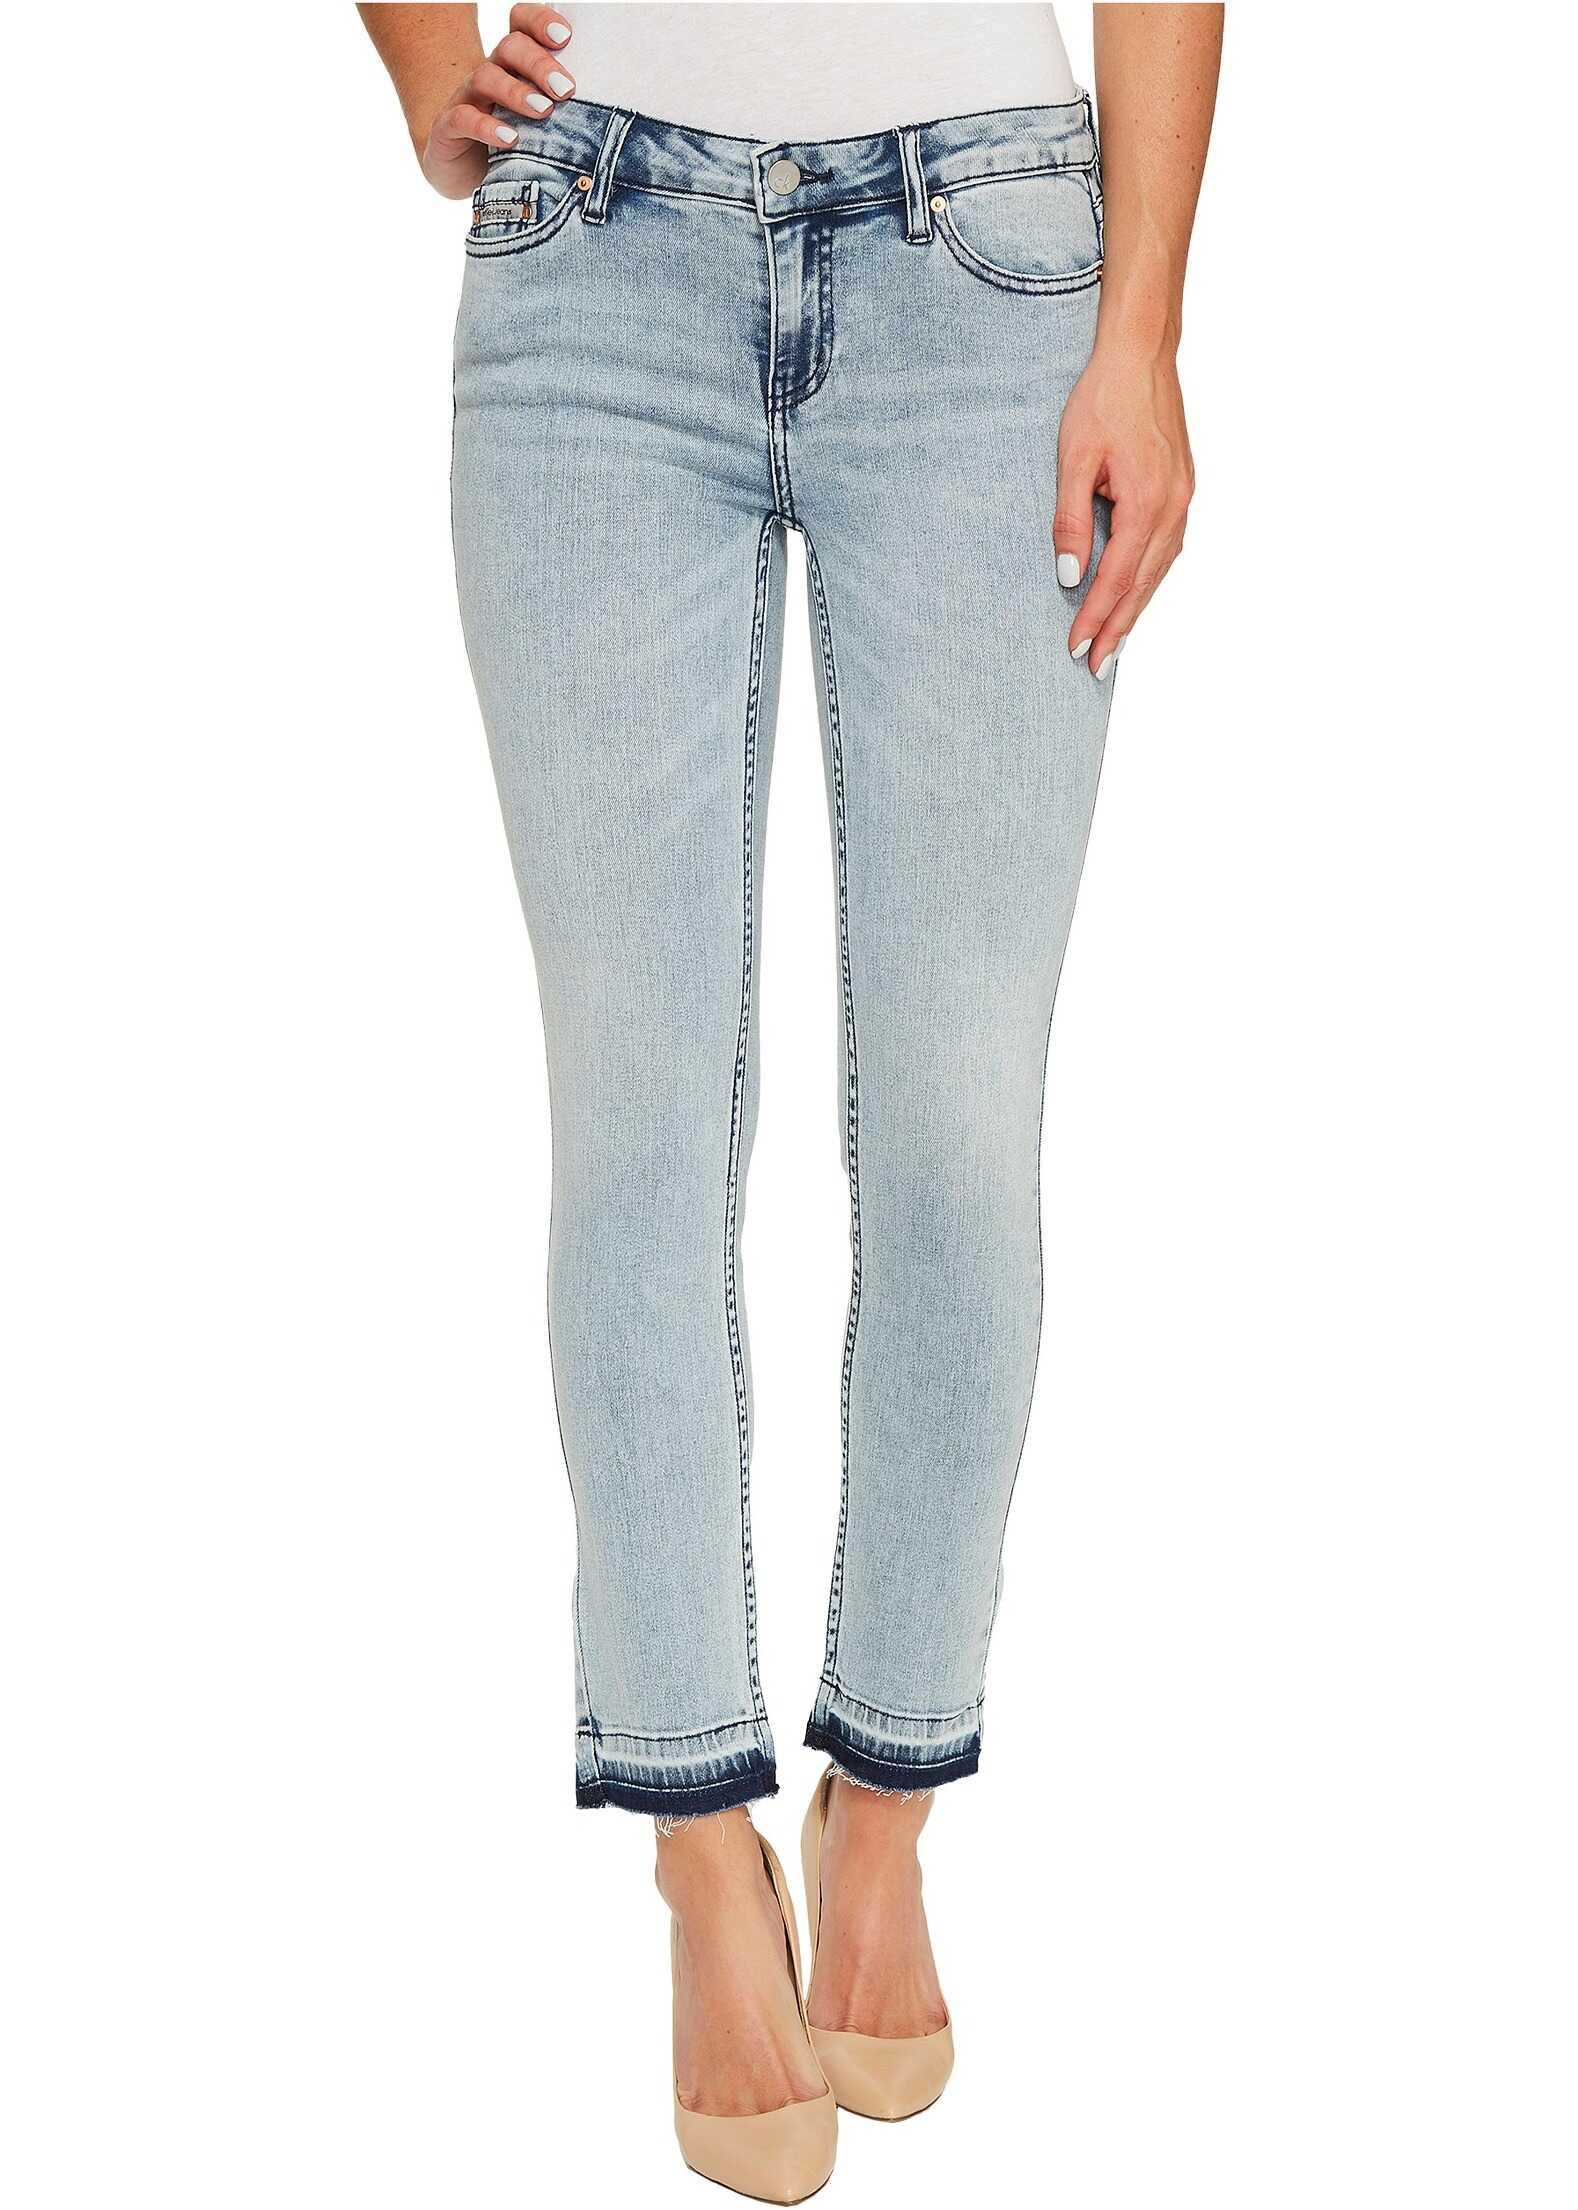 Calvin Klein Jeans Ankle Skinny Jeans in Isla Blue Destruct Wash Isla Blue Destruct